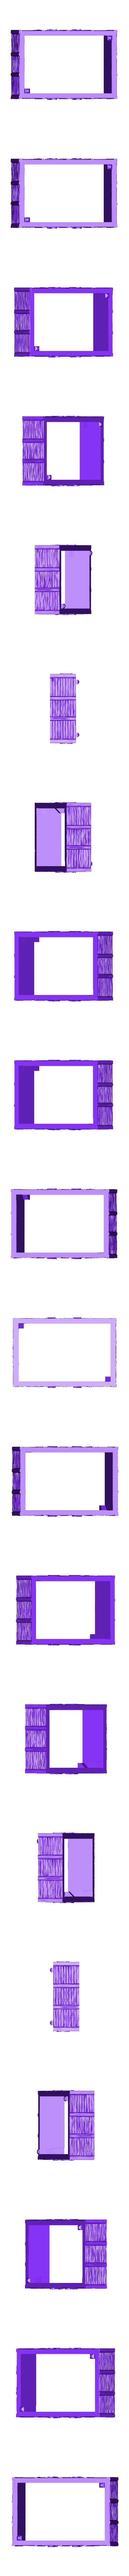 Small-House-upper.stl Télécharger fichier STL gratuit Petite maison viking de fantaisie • Design à imprimer en 3D, Terrain4Print